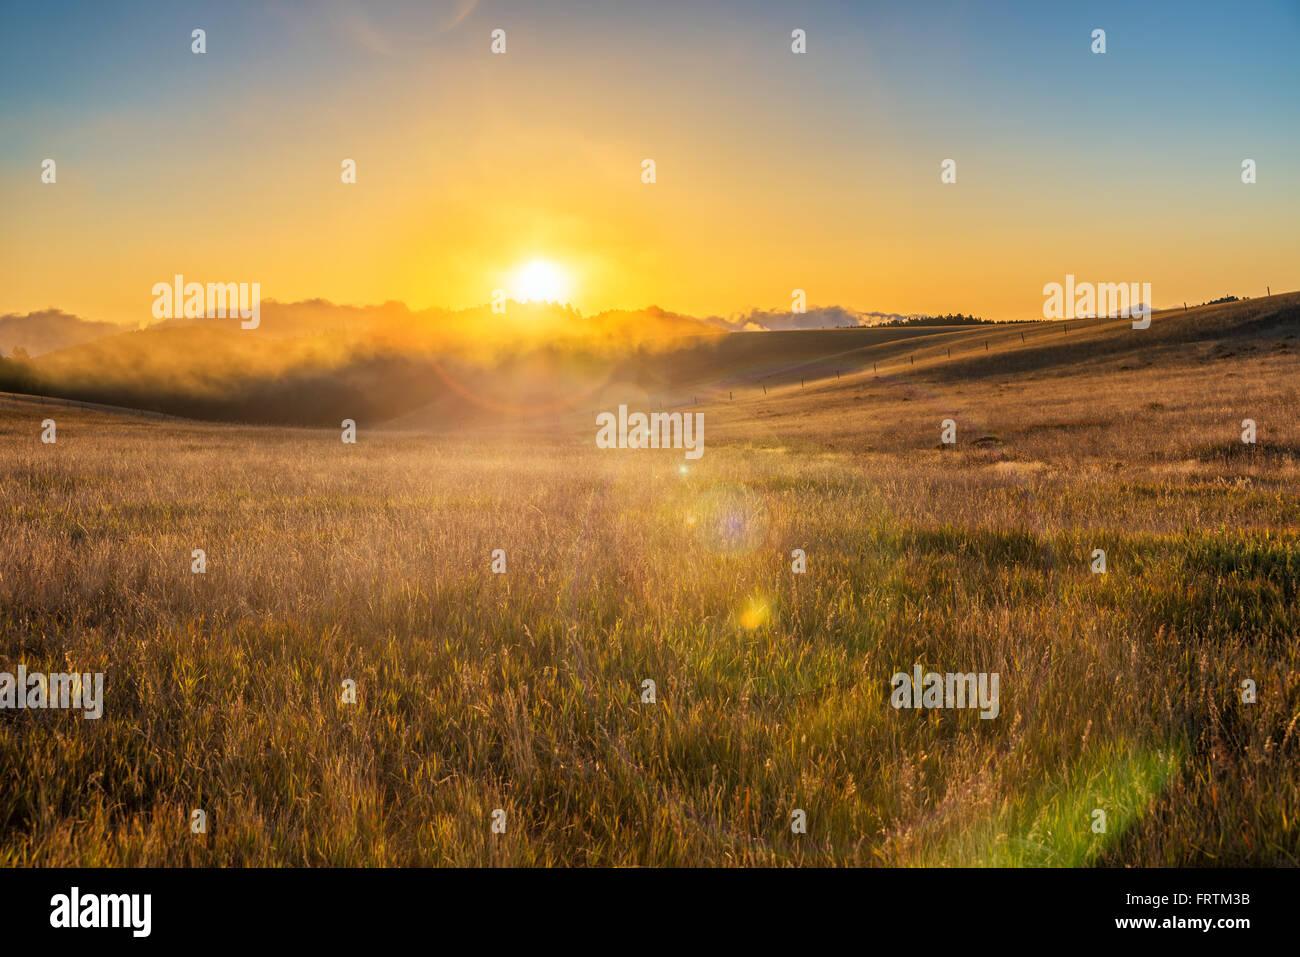 Lever du soleil et reflets sur un champ dans la chaîne de montagnes Bighorn près de Buffalo, Wyoming Banque D'Images